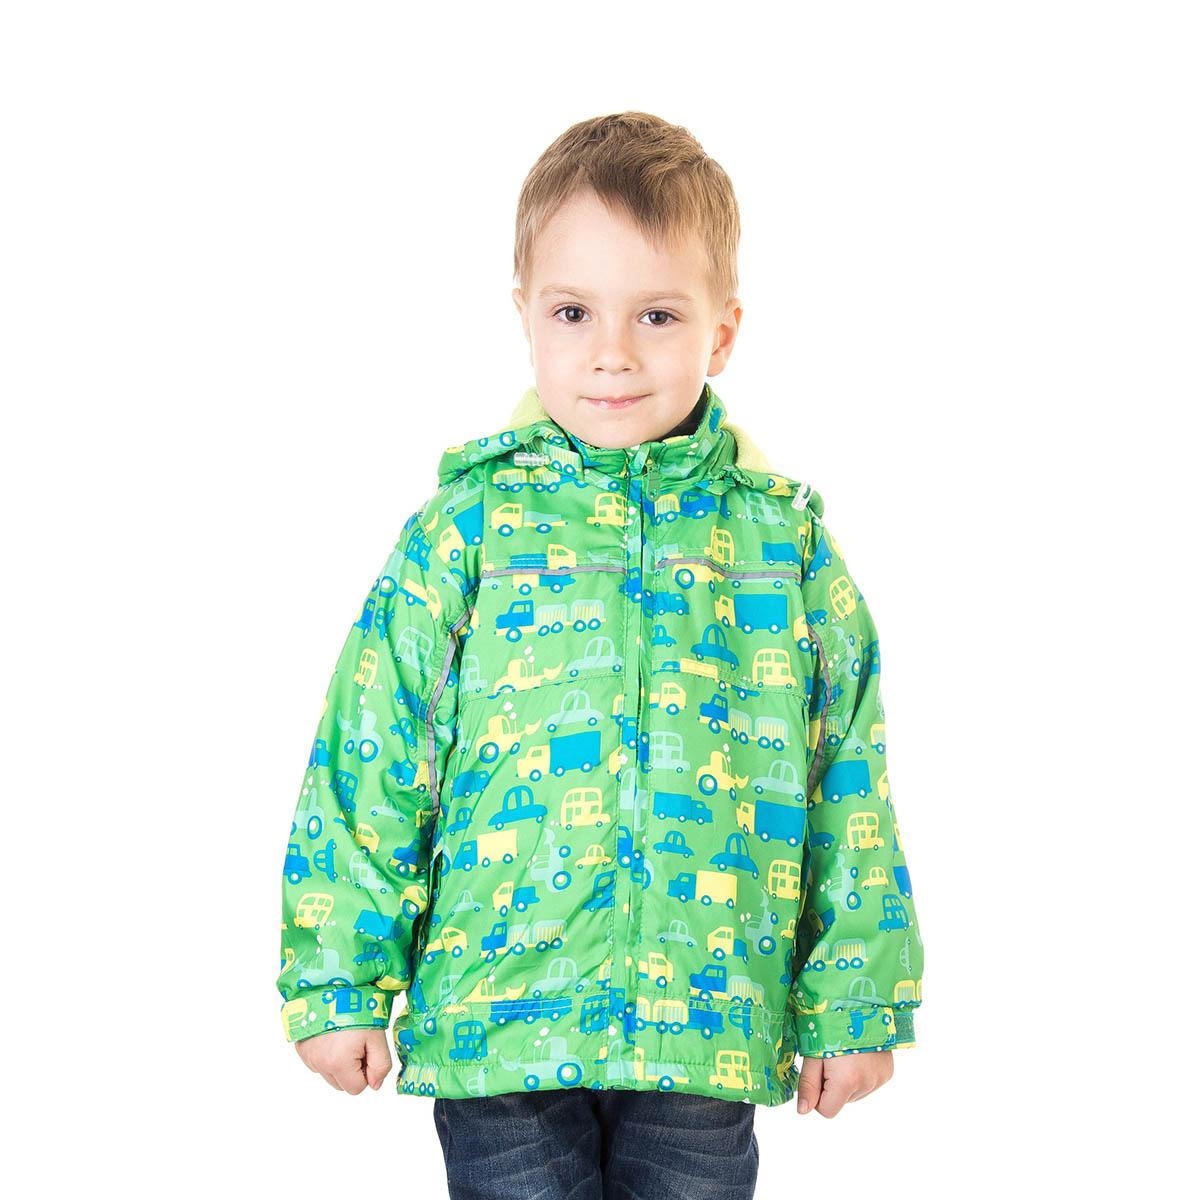 Ветровка для мальчика M&D, цвет: зеленый. 111525D-13. Размер 92111525D-13Ветровка для мальчика M&D идеально подойдет для вашего ребенка в прохладное время года. Модель изготовлена из 100% полиэстера с подкладкой из натурального хлопка. Ветровка с воротником стойкой дополнена капюшоном, который пристегивается с помощью молнии. Застегивается модель на пластиковую застежку-молнию с защитой подбородка. Низ рукавов присборен на резинки. Предусмотрена утяжка в виде резинок со стопперами: на капюшоне и внутри изделия понизу. Спереди модель дополнена двумя втачными карманами на застежках-молниях. Оформлена ветровка красочным цветочным принтом с изображением машин.